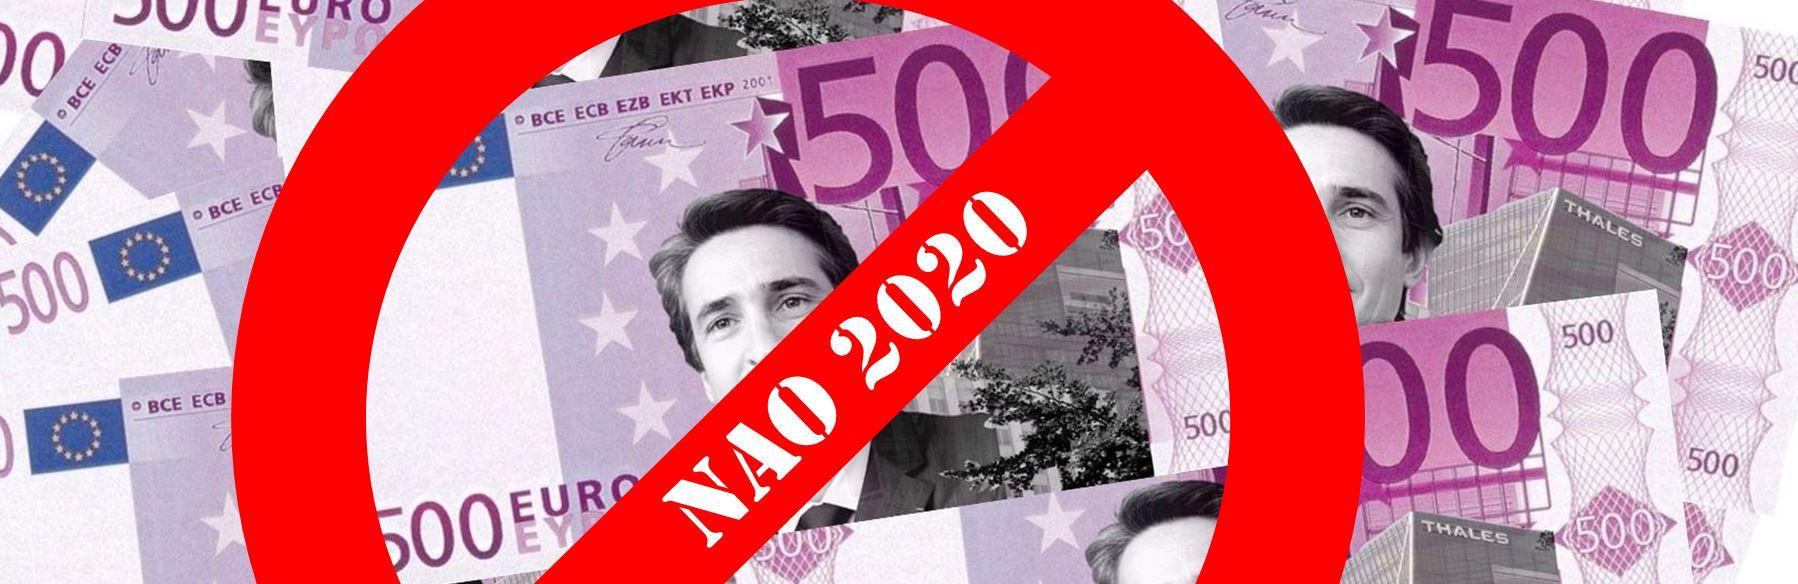 500 euros NAO